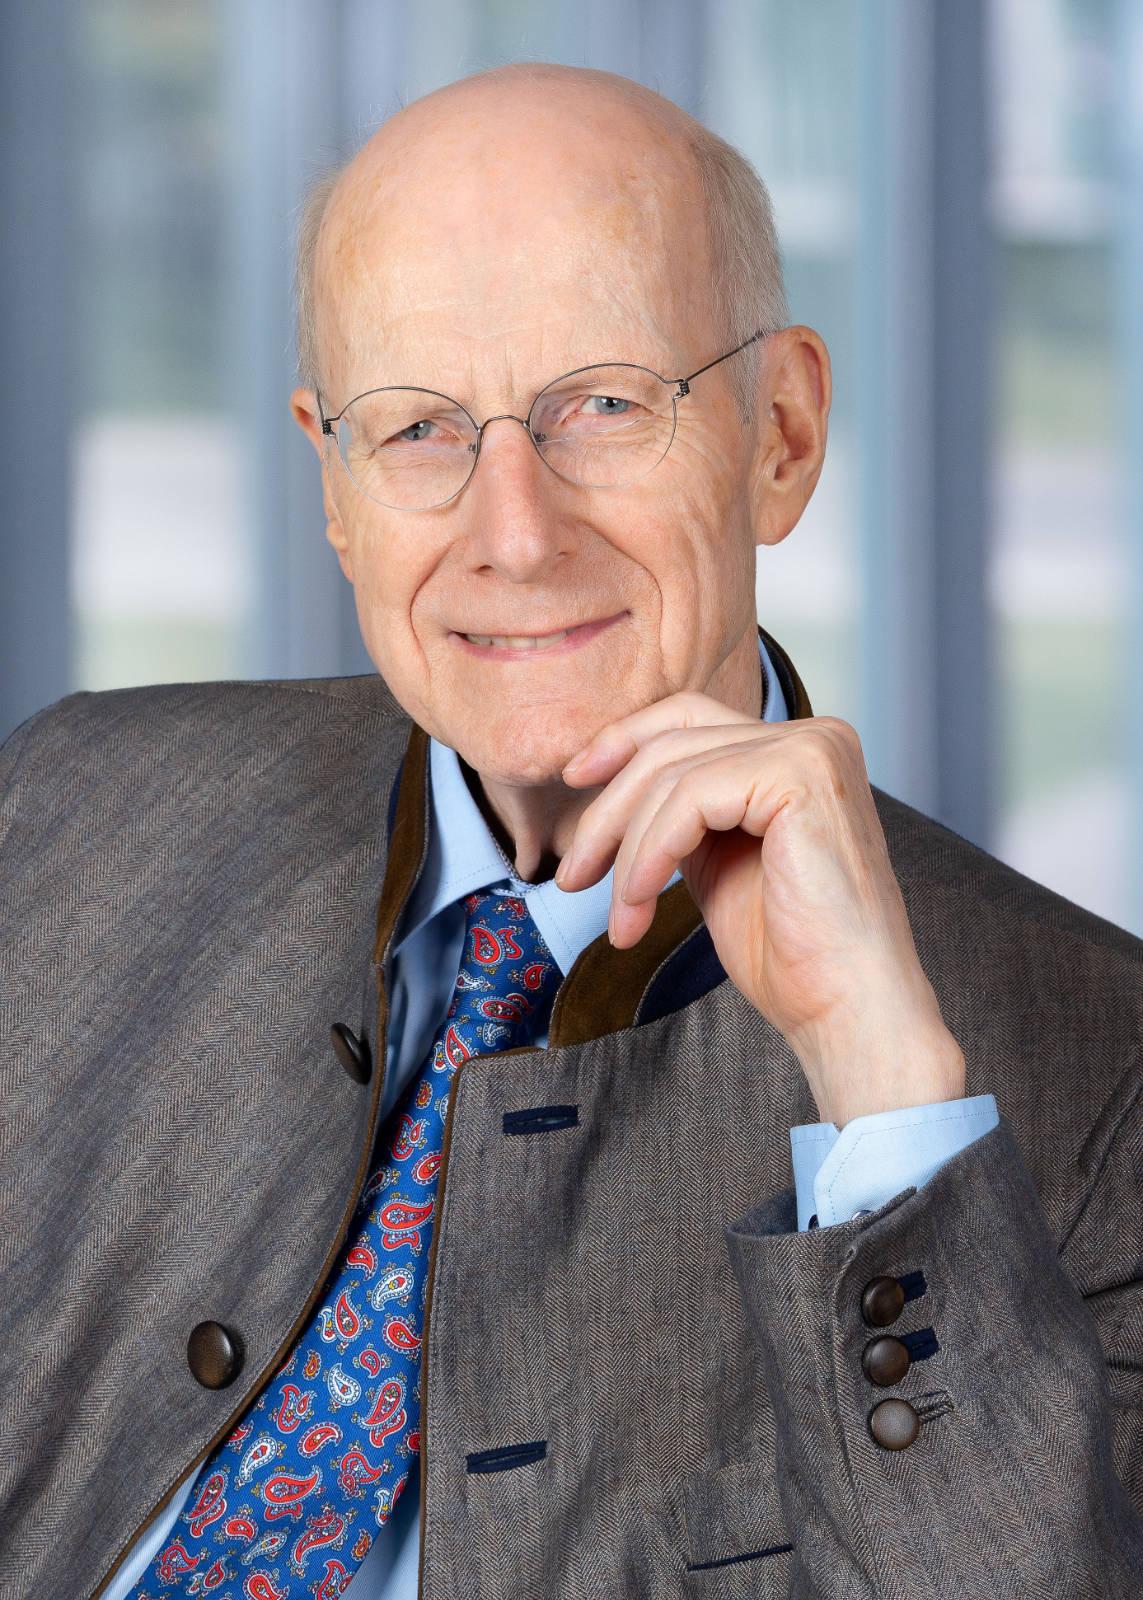 Hartmut Haubrich ist Gründer der Verbundgruppe ElectronicPartner und Vorsitzender des Verwaltungsrats der ElectronicPartner Handel SE.